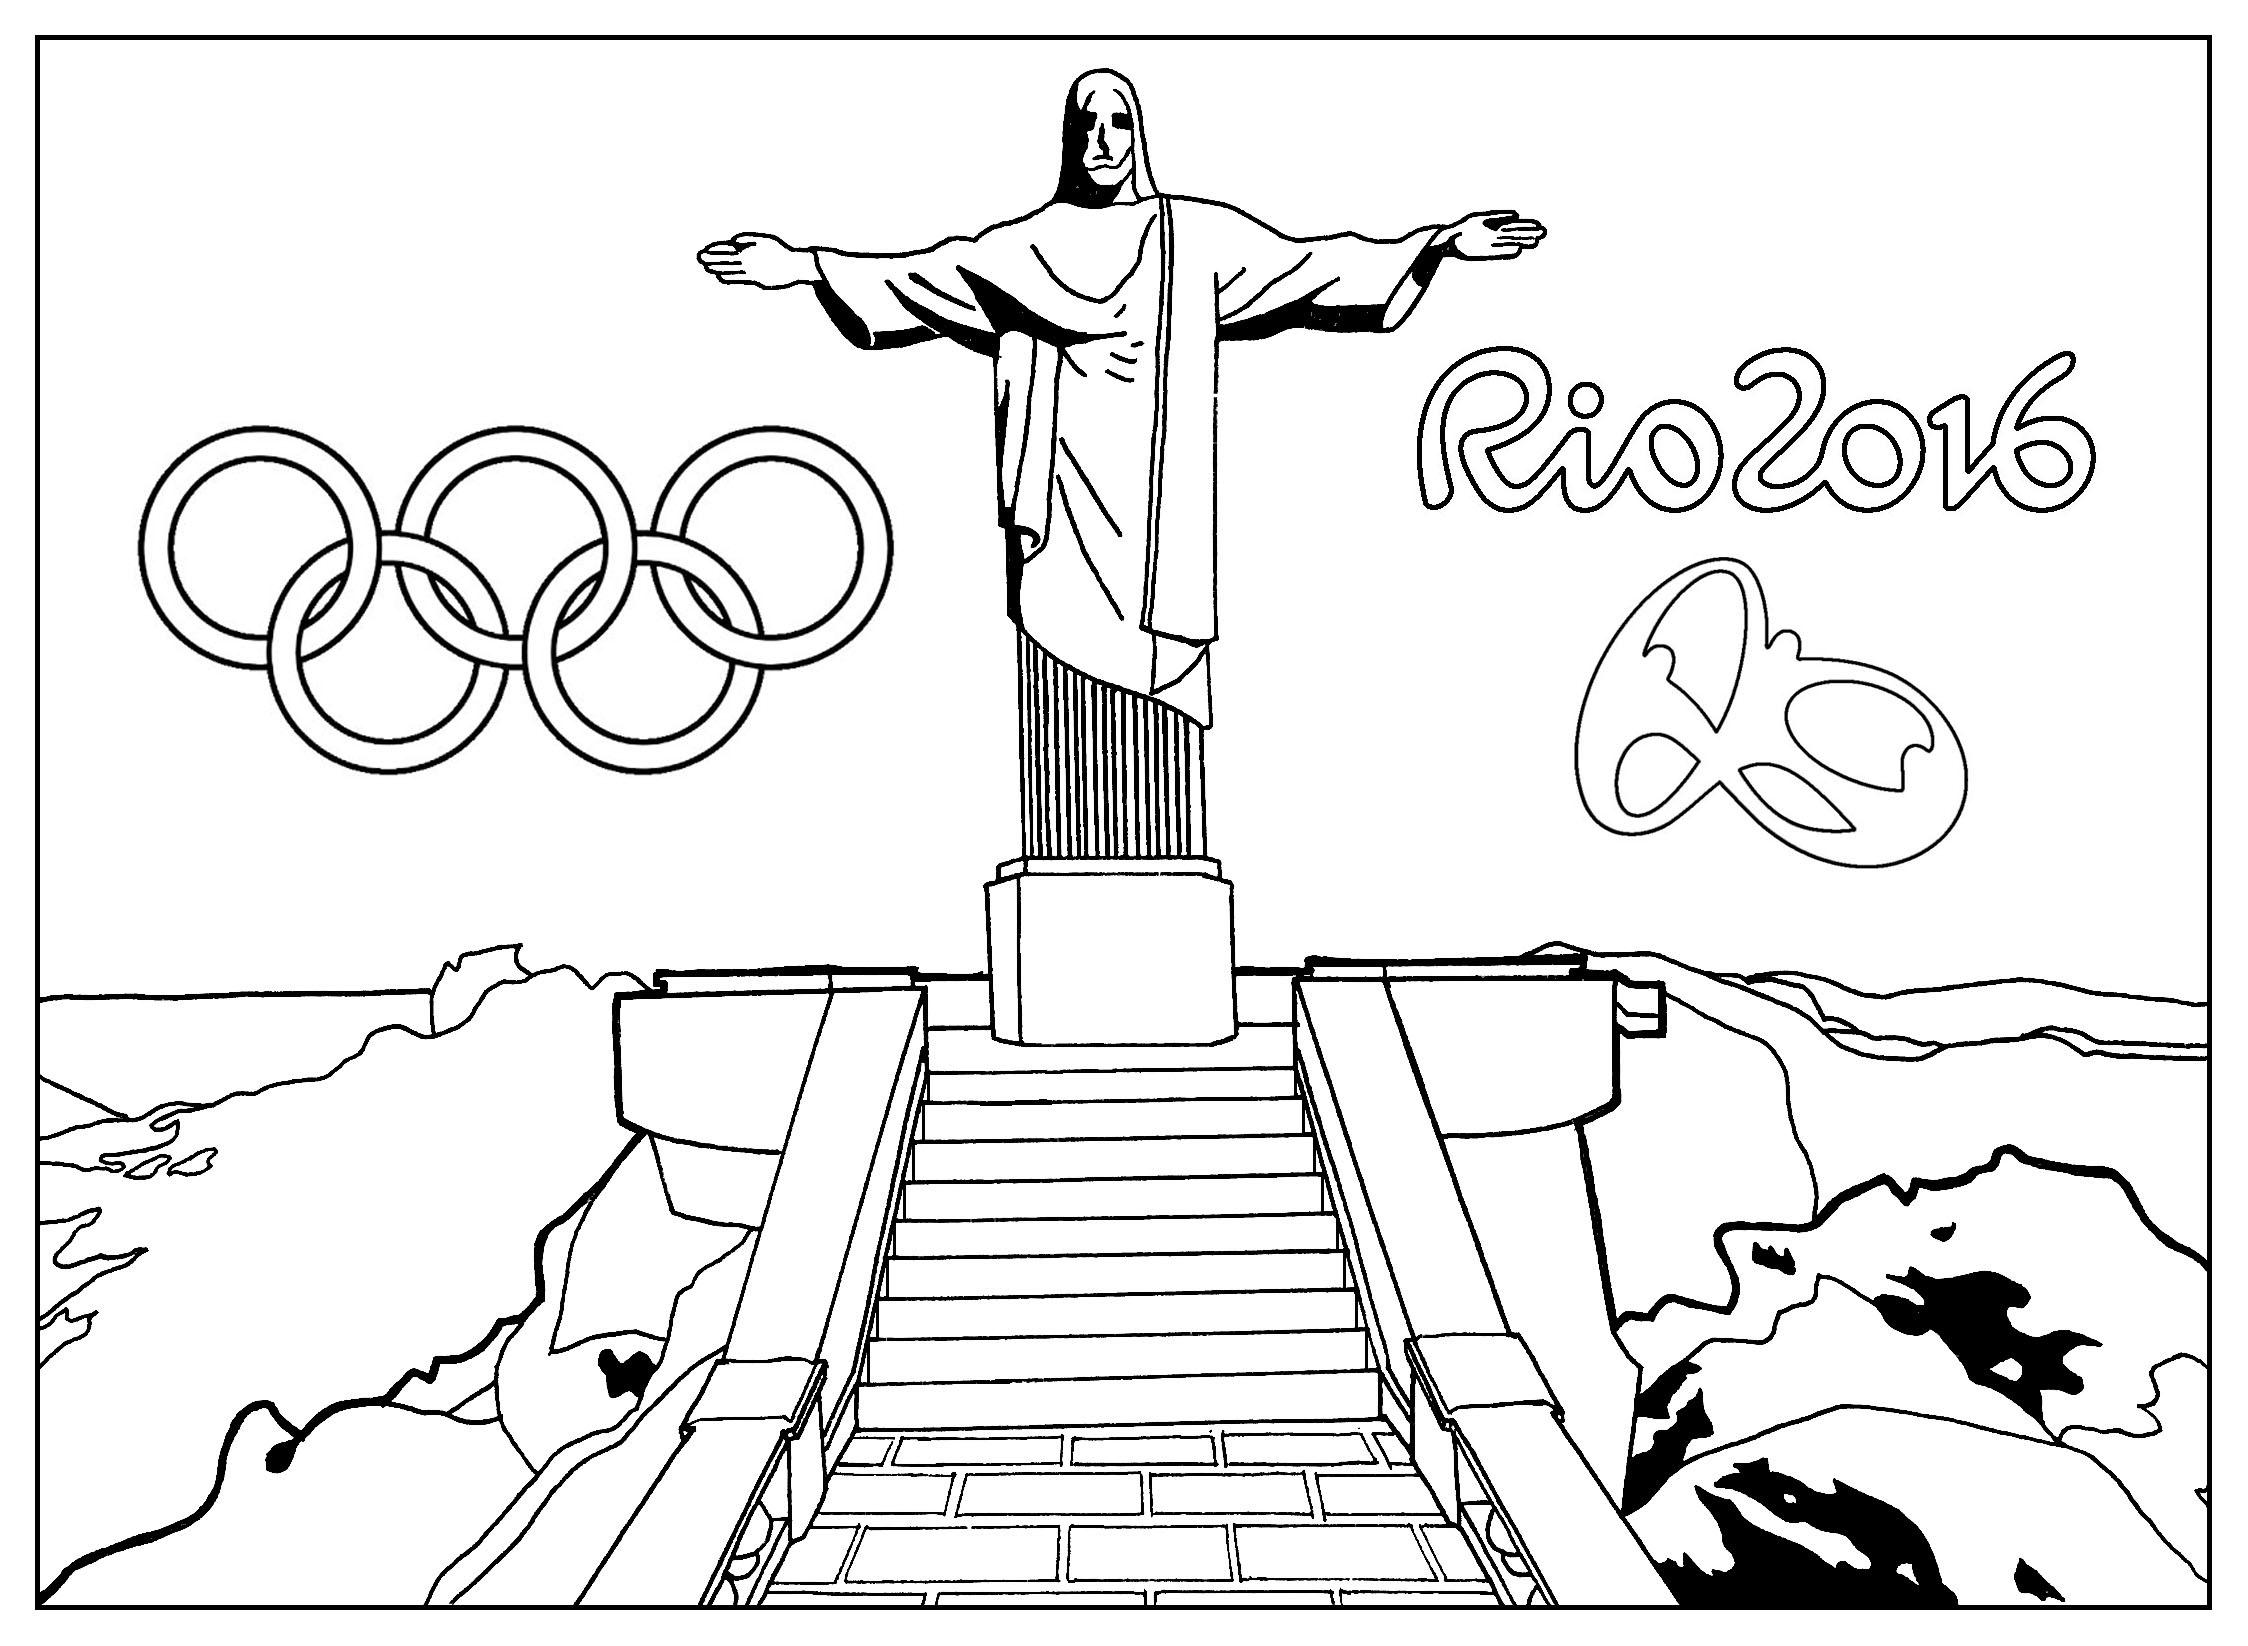 La statue du Christ Rédempteur de Rio de Janeiro à l'honneur pour ce coloriage spécial JO 2016, par Sofian